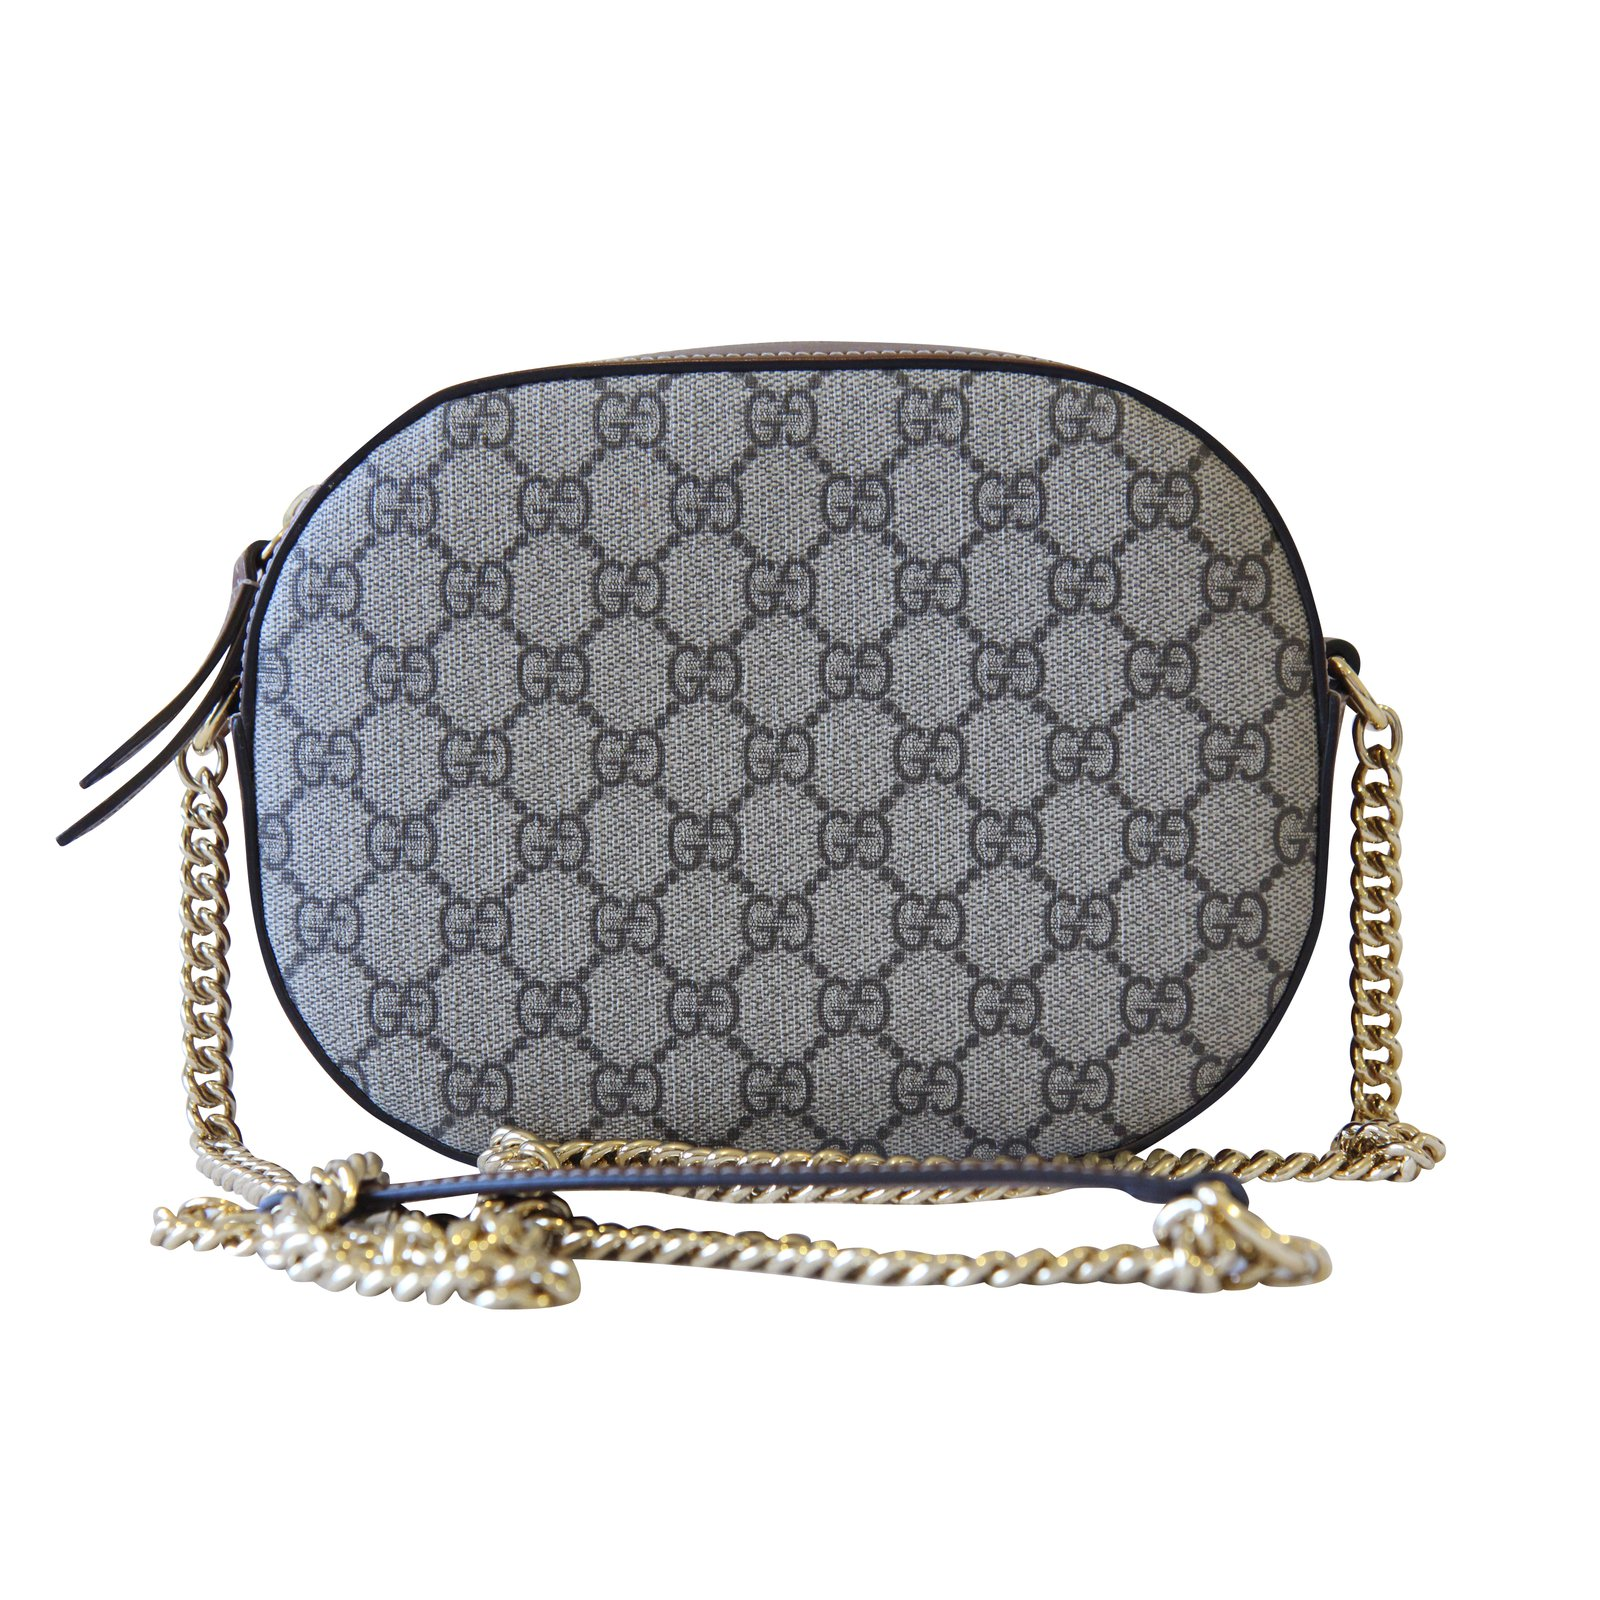 8b940936a1 Gucci GG Supreme mini chain bag